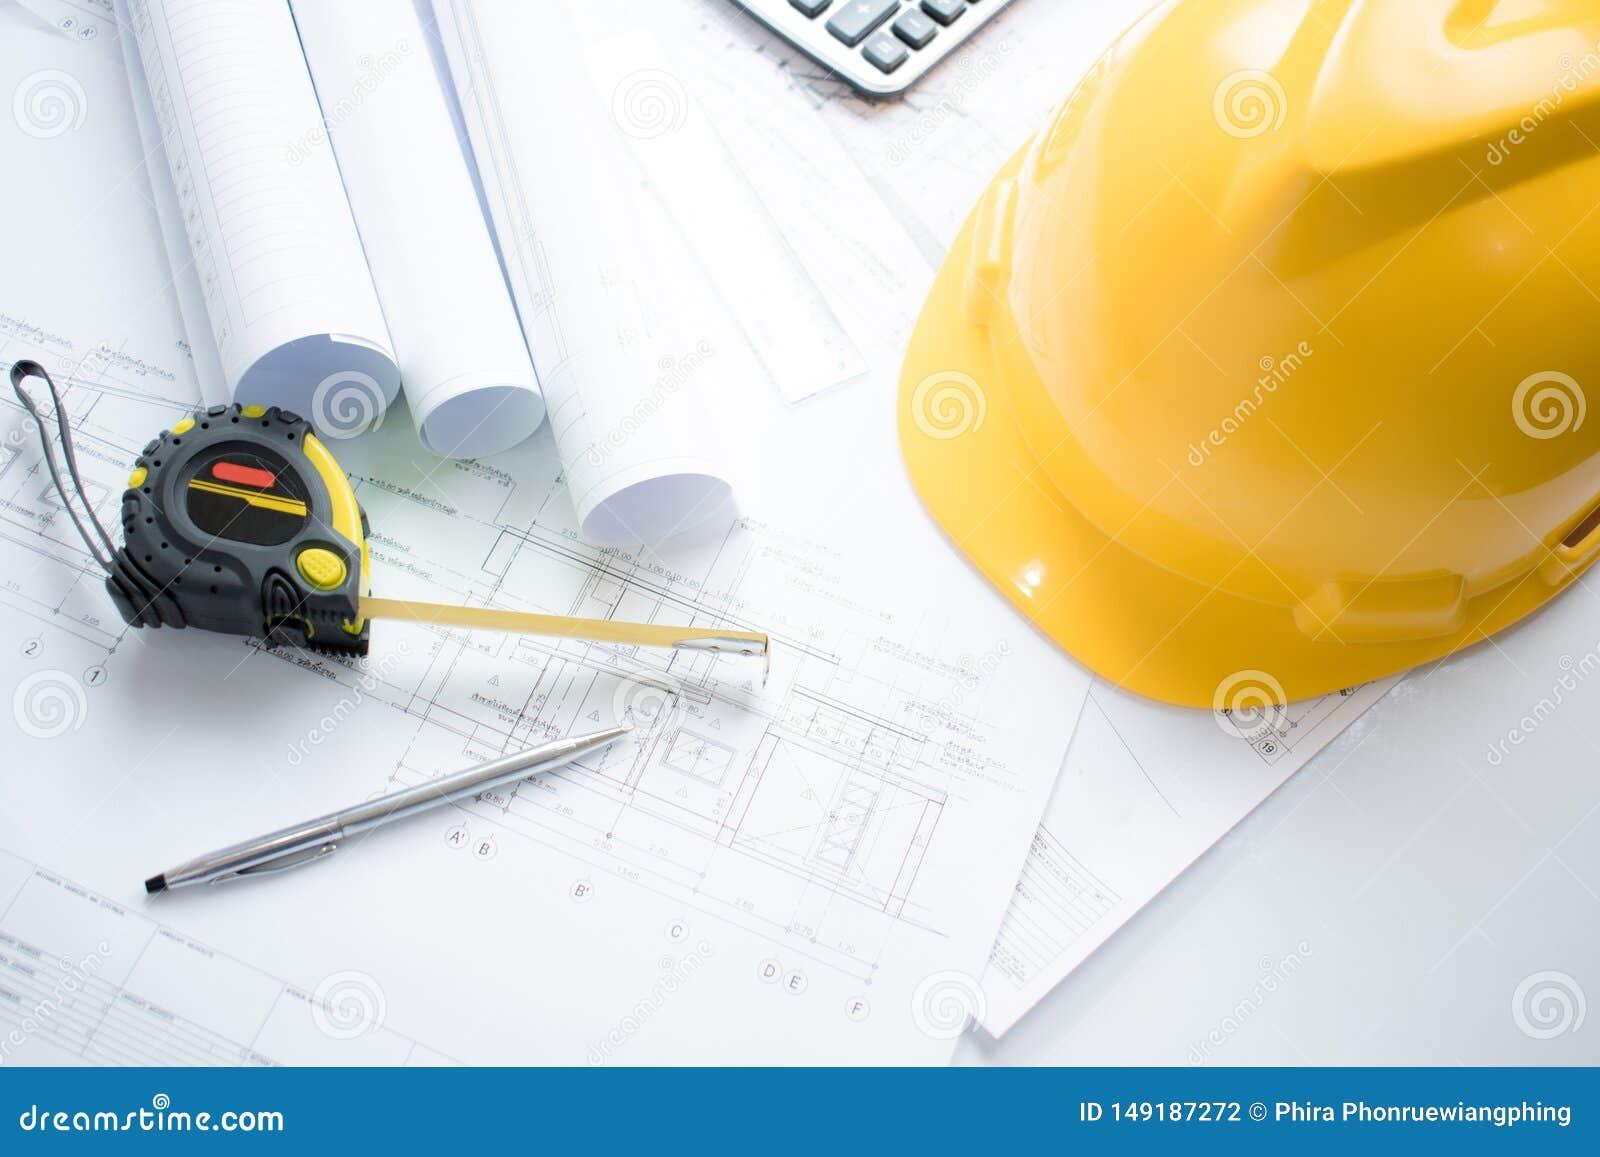 Hoogste mening van het architectenbureau met het project en de techniek beschikbare hulpmiddelen van de blauwdrukarchitectuur